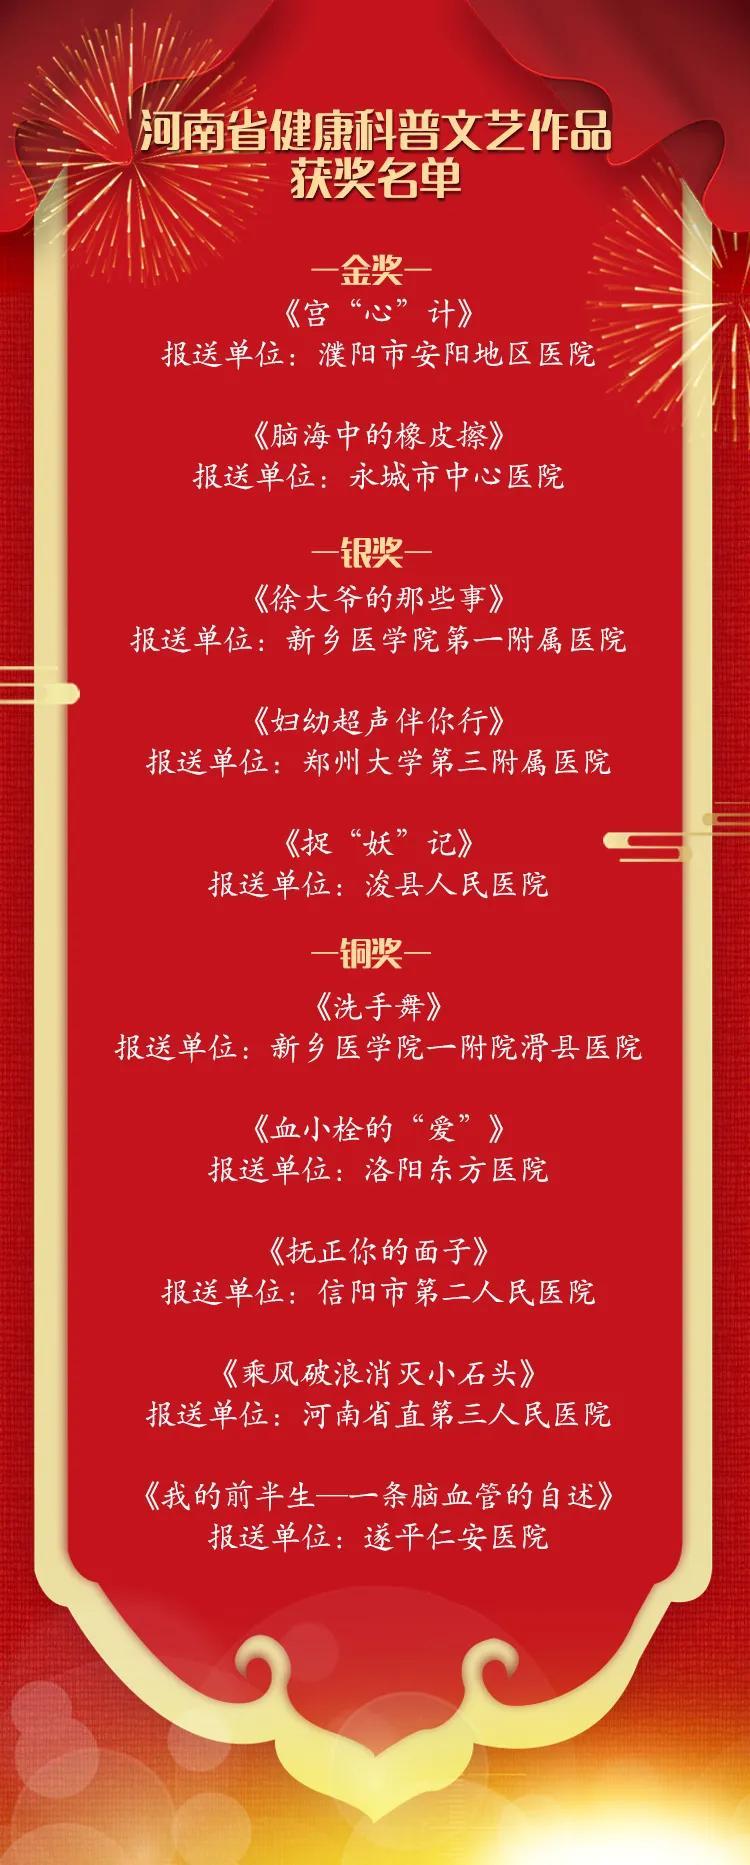 第三届河南省健康科普能力大赛获奖名单出炉